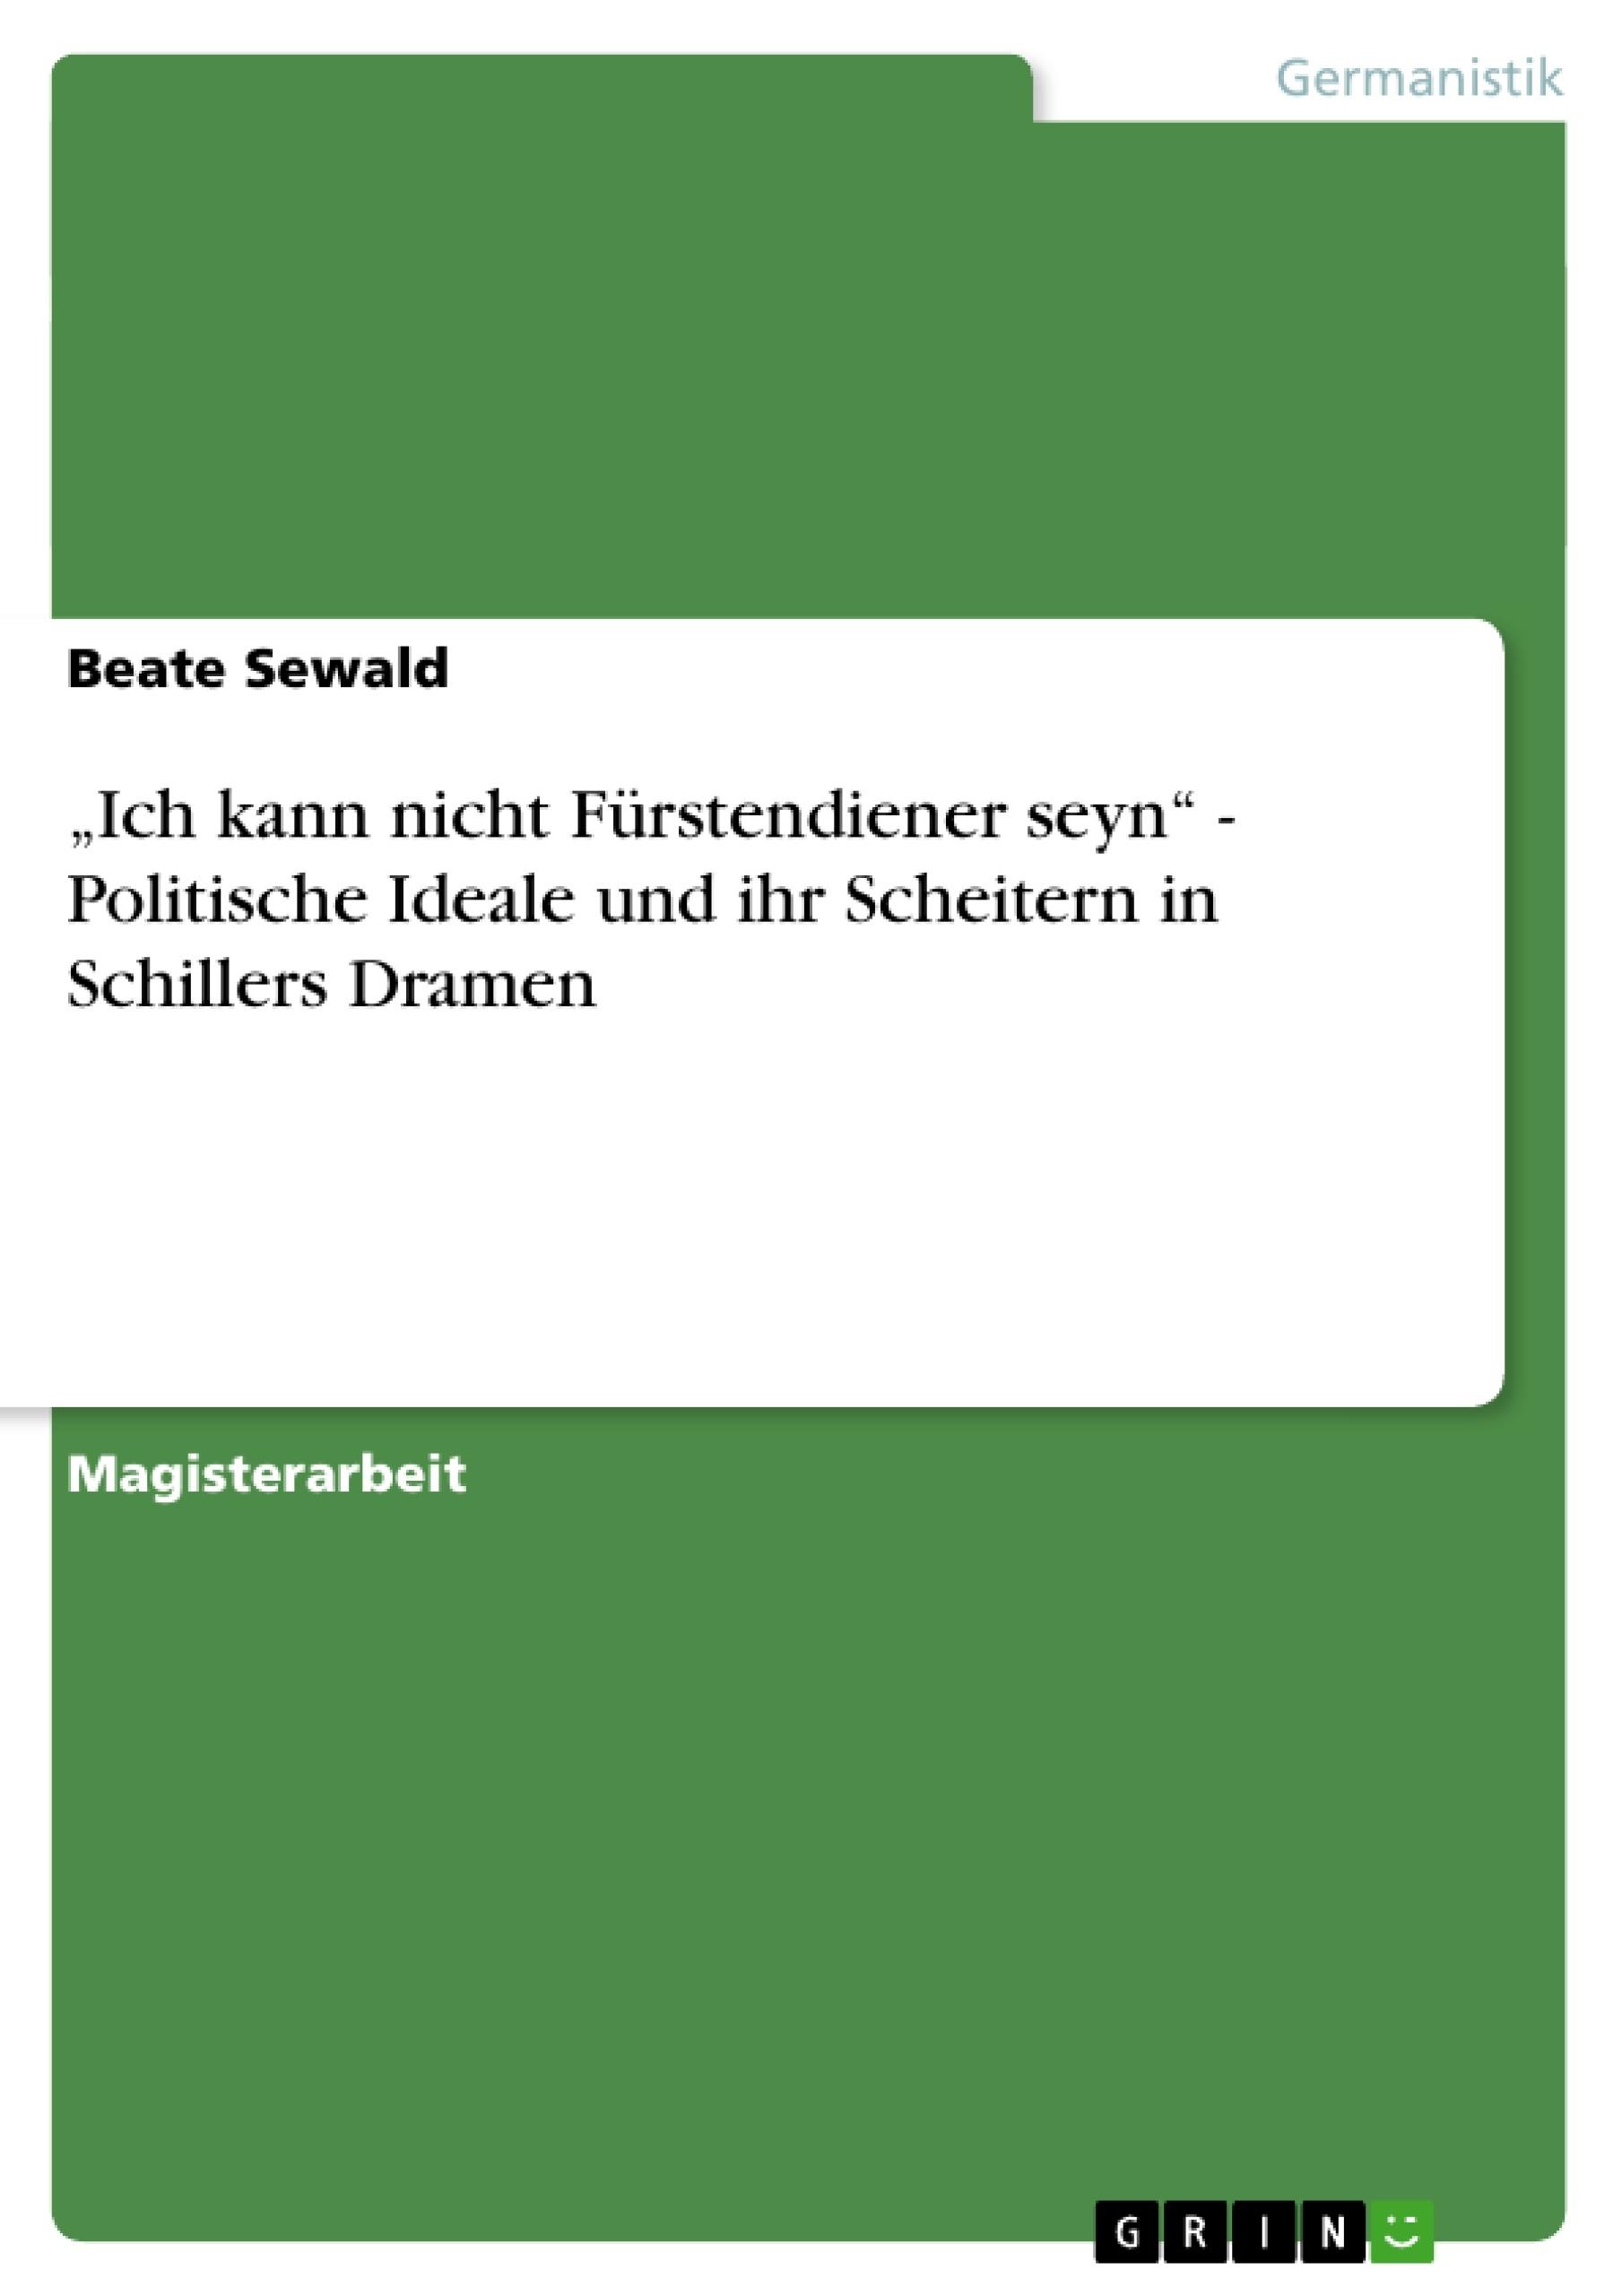 """Titel: """"Ich kann nicht Fürstendiener seyn"""" - Politische Ideale und ihr Scheitern in Schillers Dramen"""